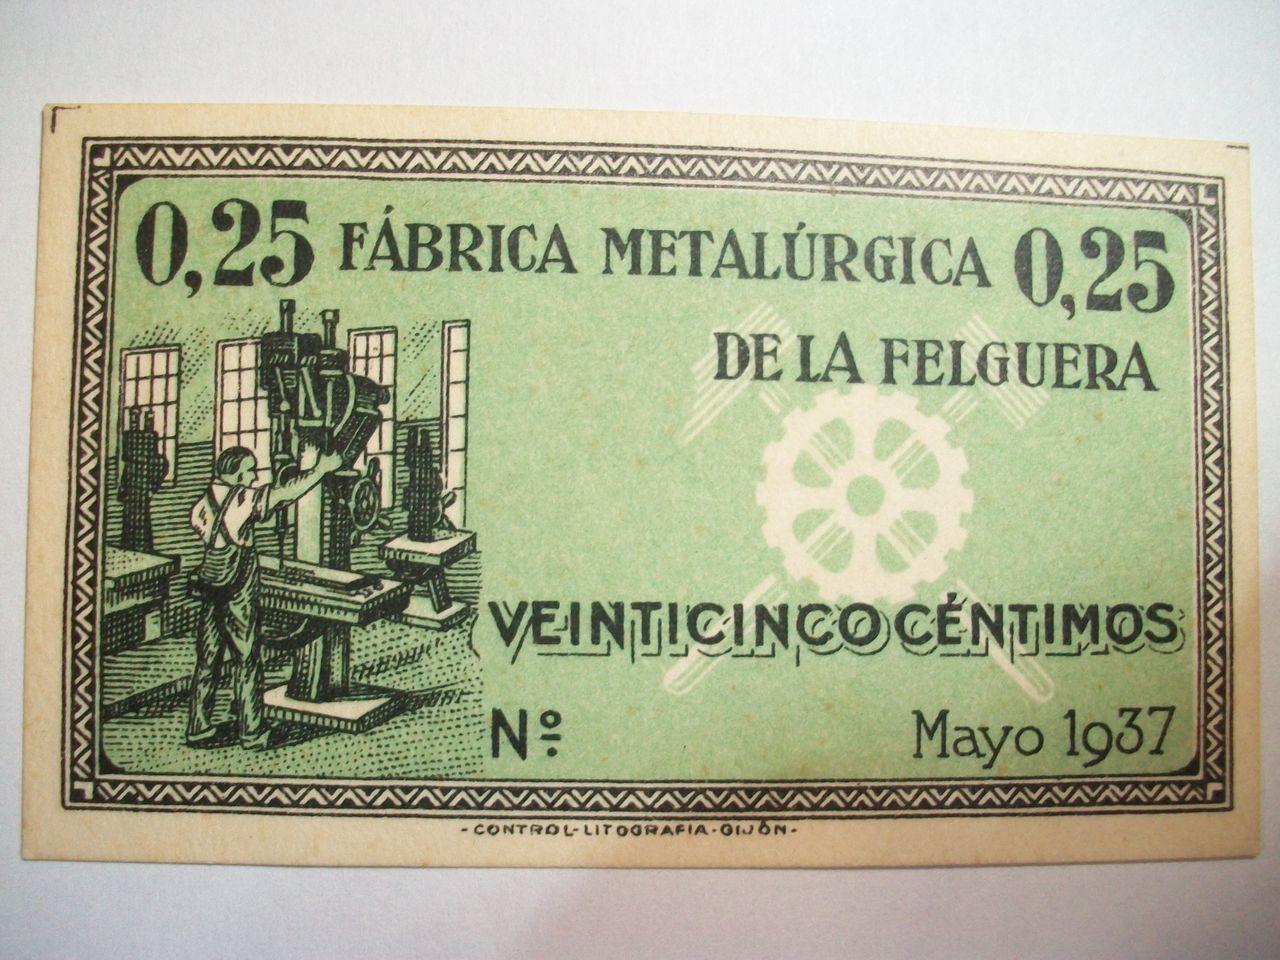 25 Cts. Fábrica metalúrgica de La Felguera. Mayo de 1937. SC F_brica_metal_rgica_de_La_Felguera_25_Cts_Sin